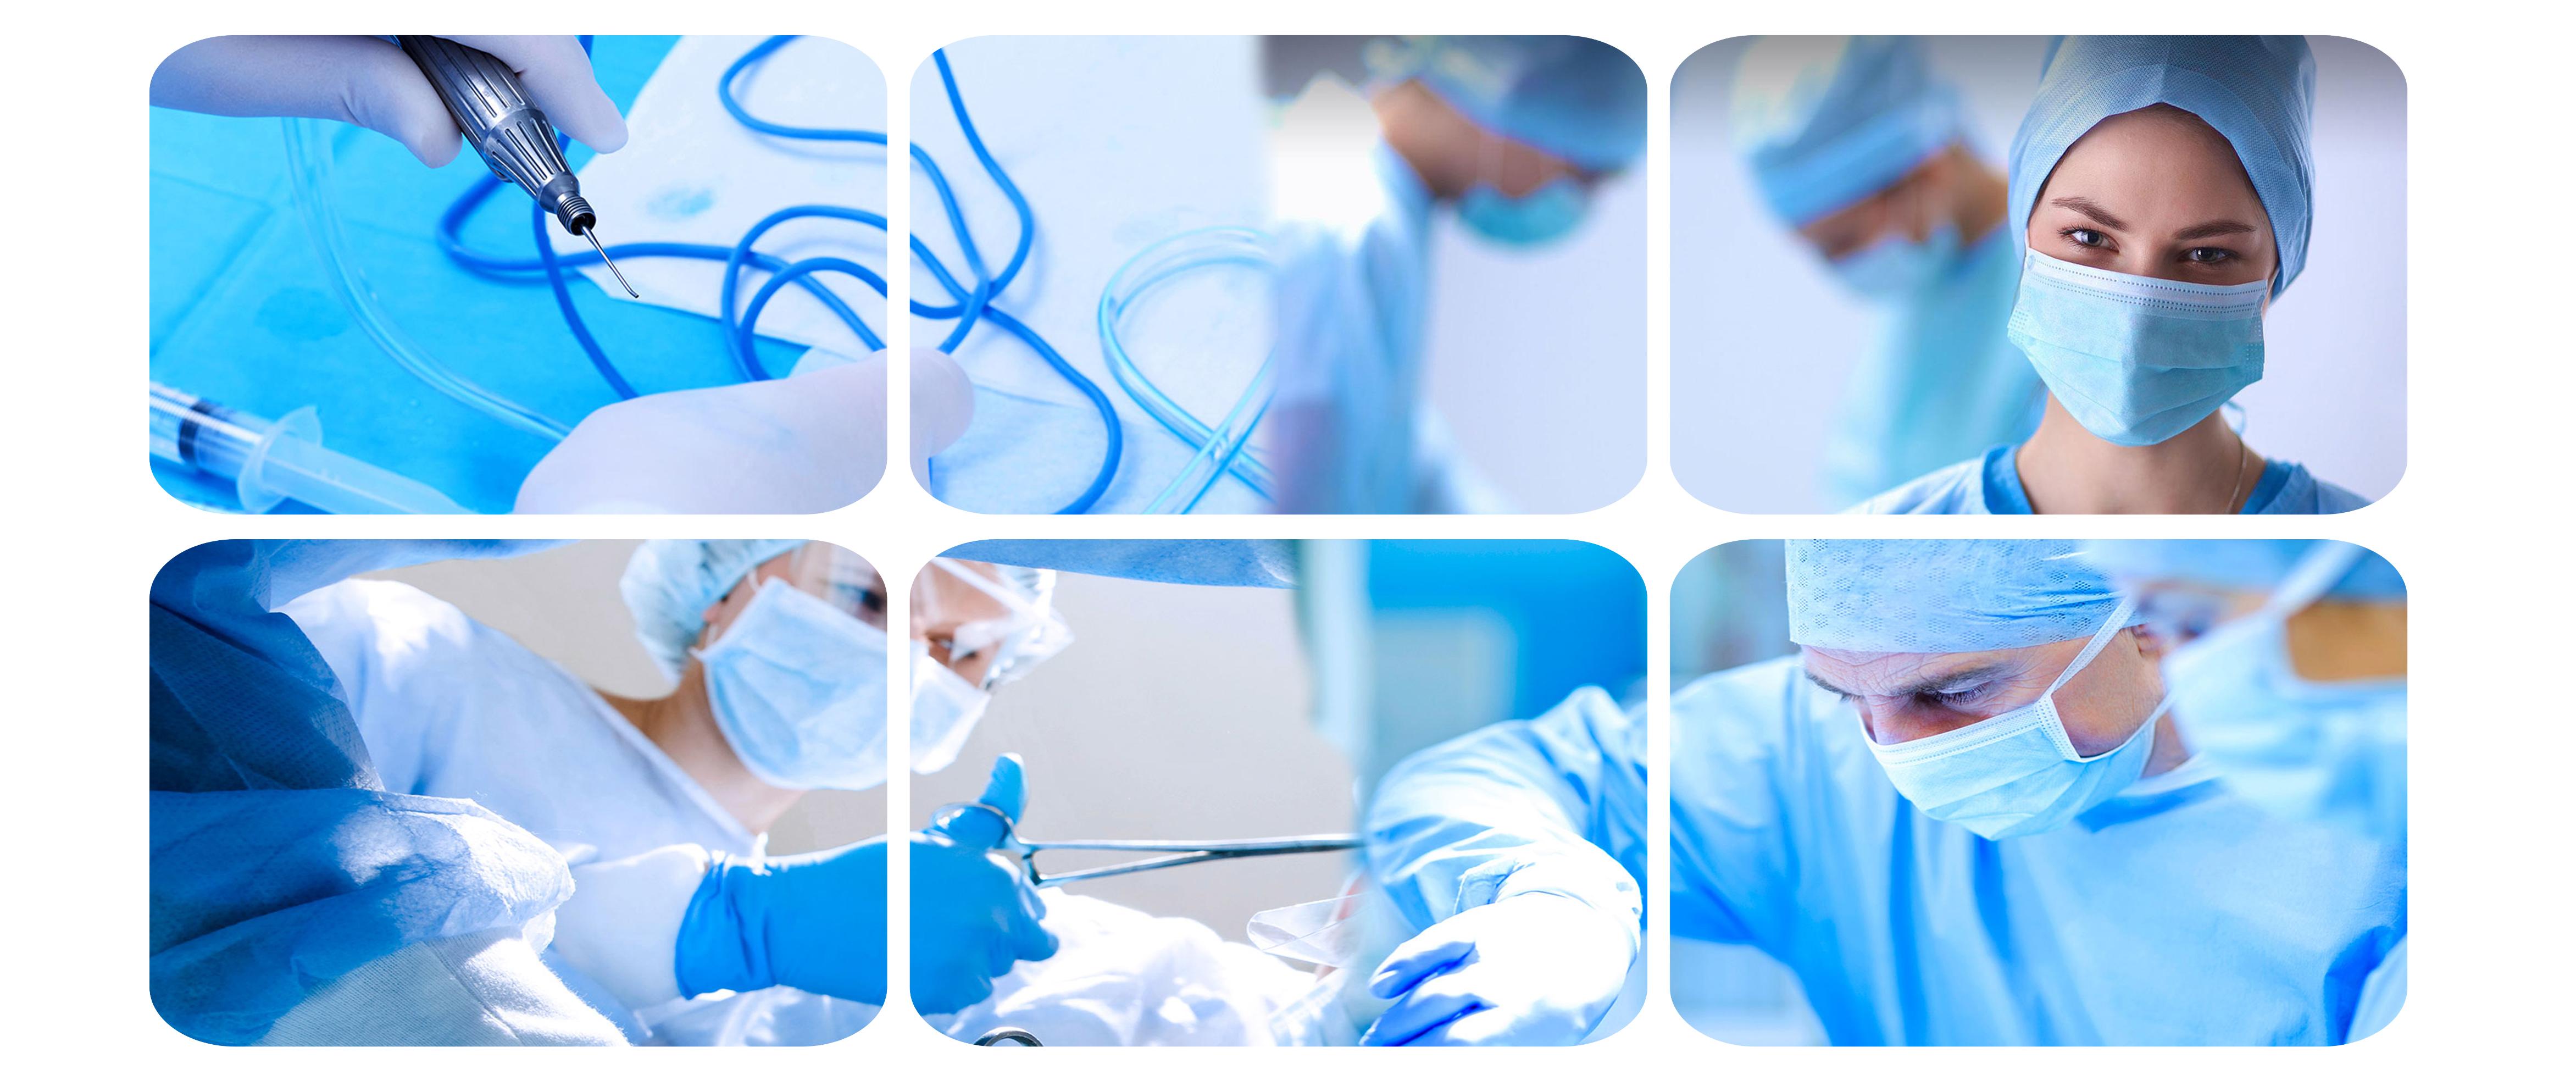 گروه مشارکتی آرادمانی Aradmani-medical-2-1.jpg